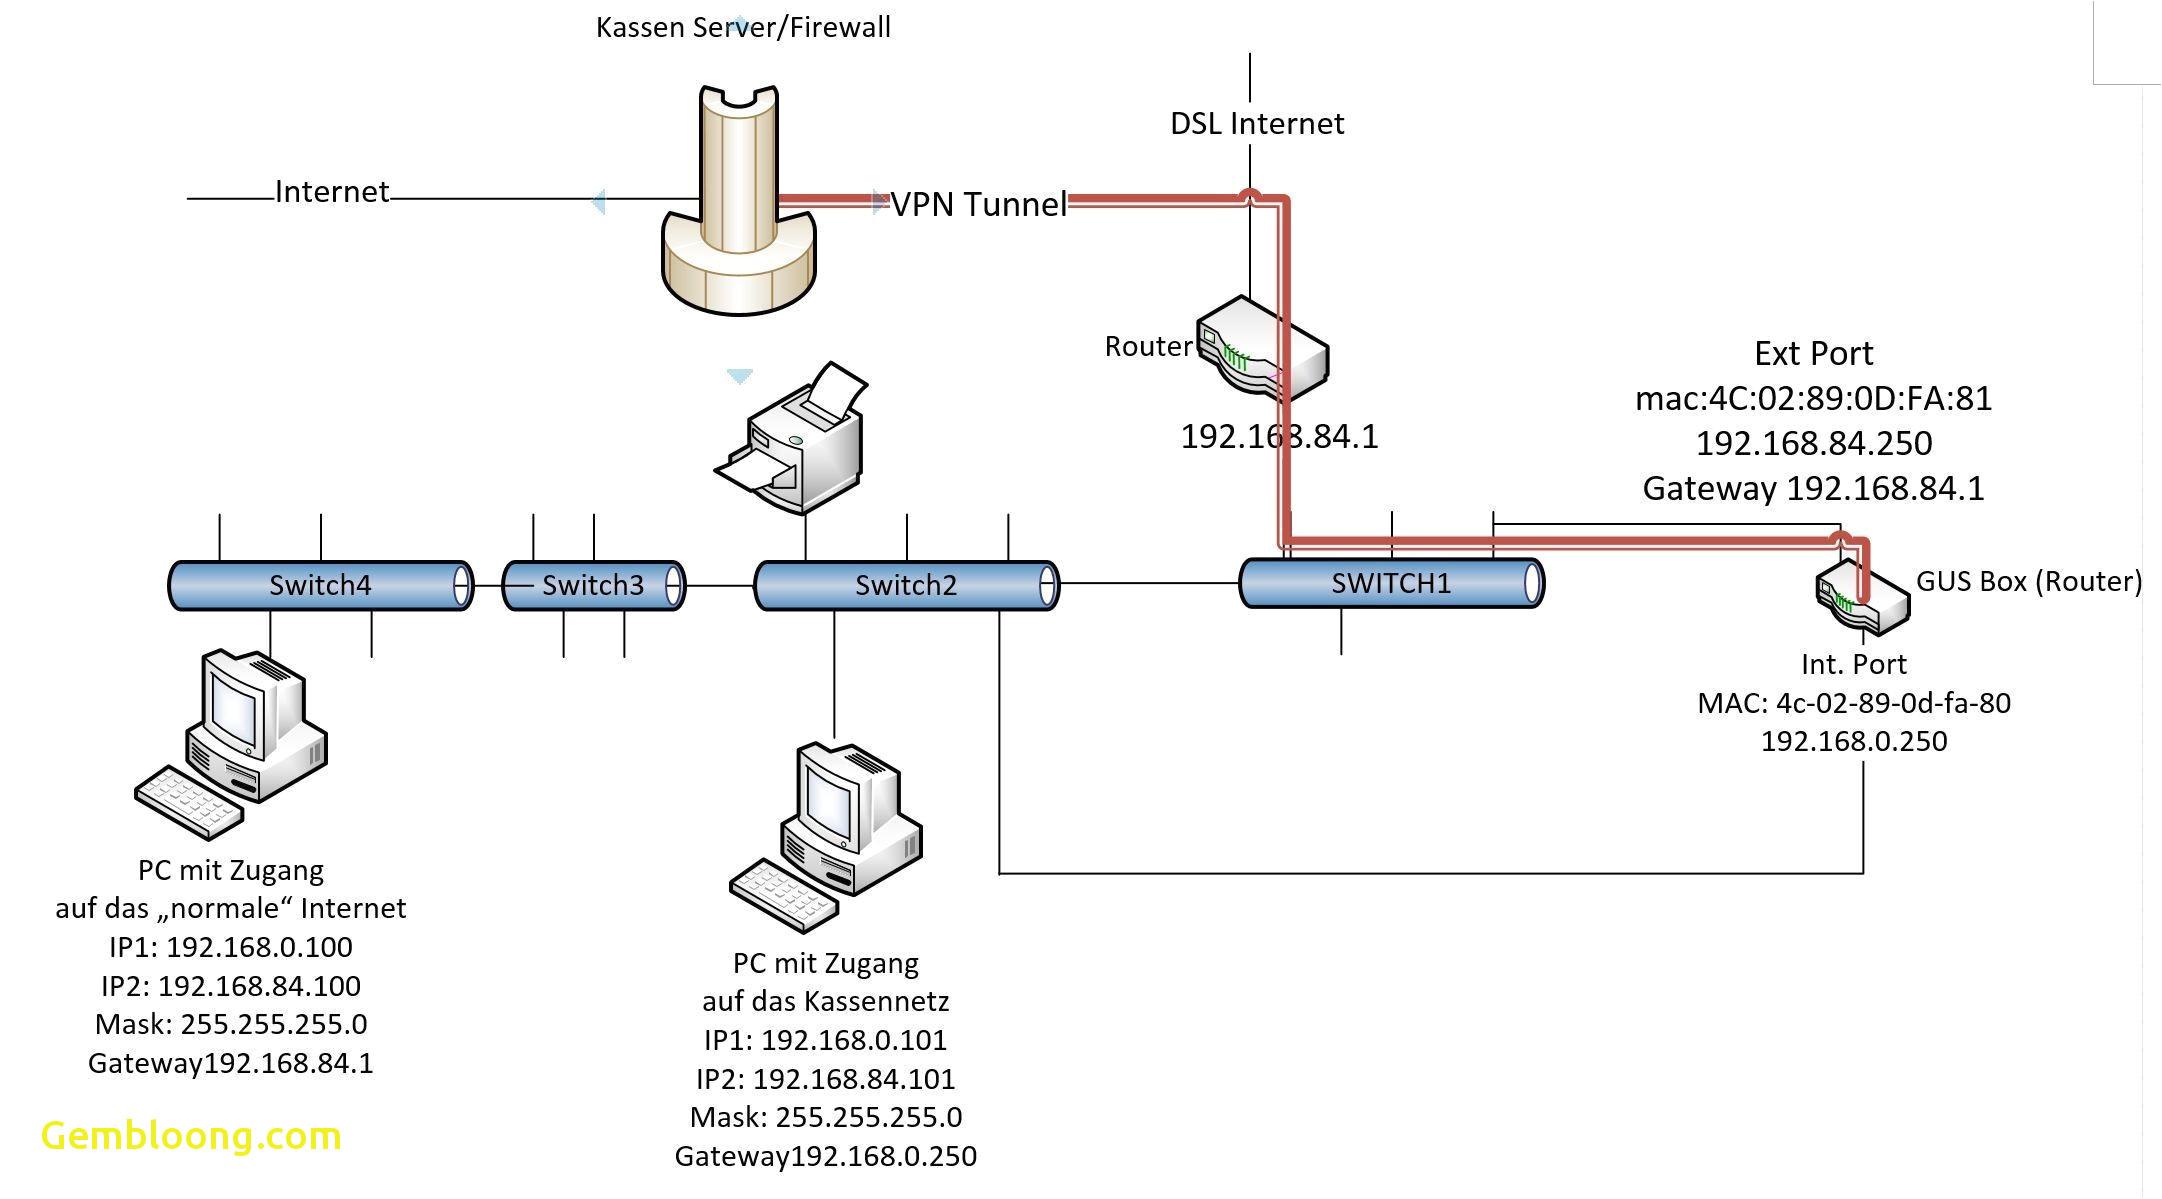 Bose Amp Wiring Diagram Manual Bose Amp Wiring Diagram Manual Manufacturingengineering org